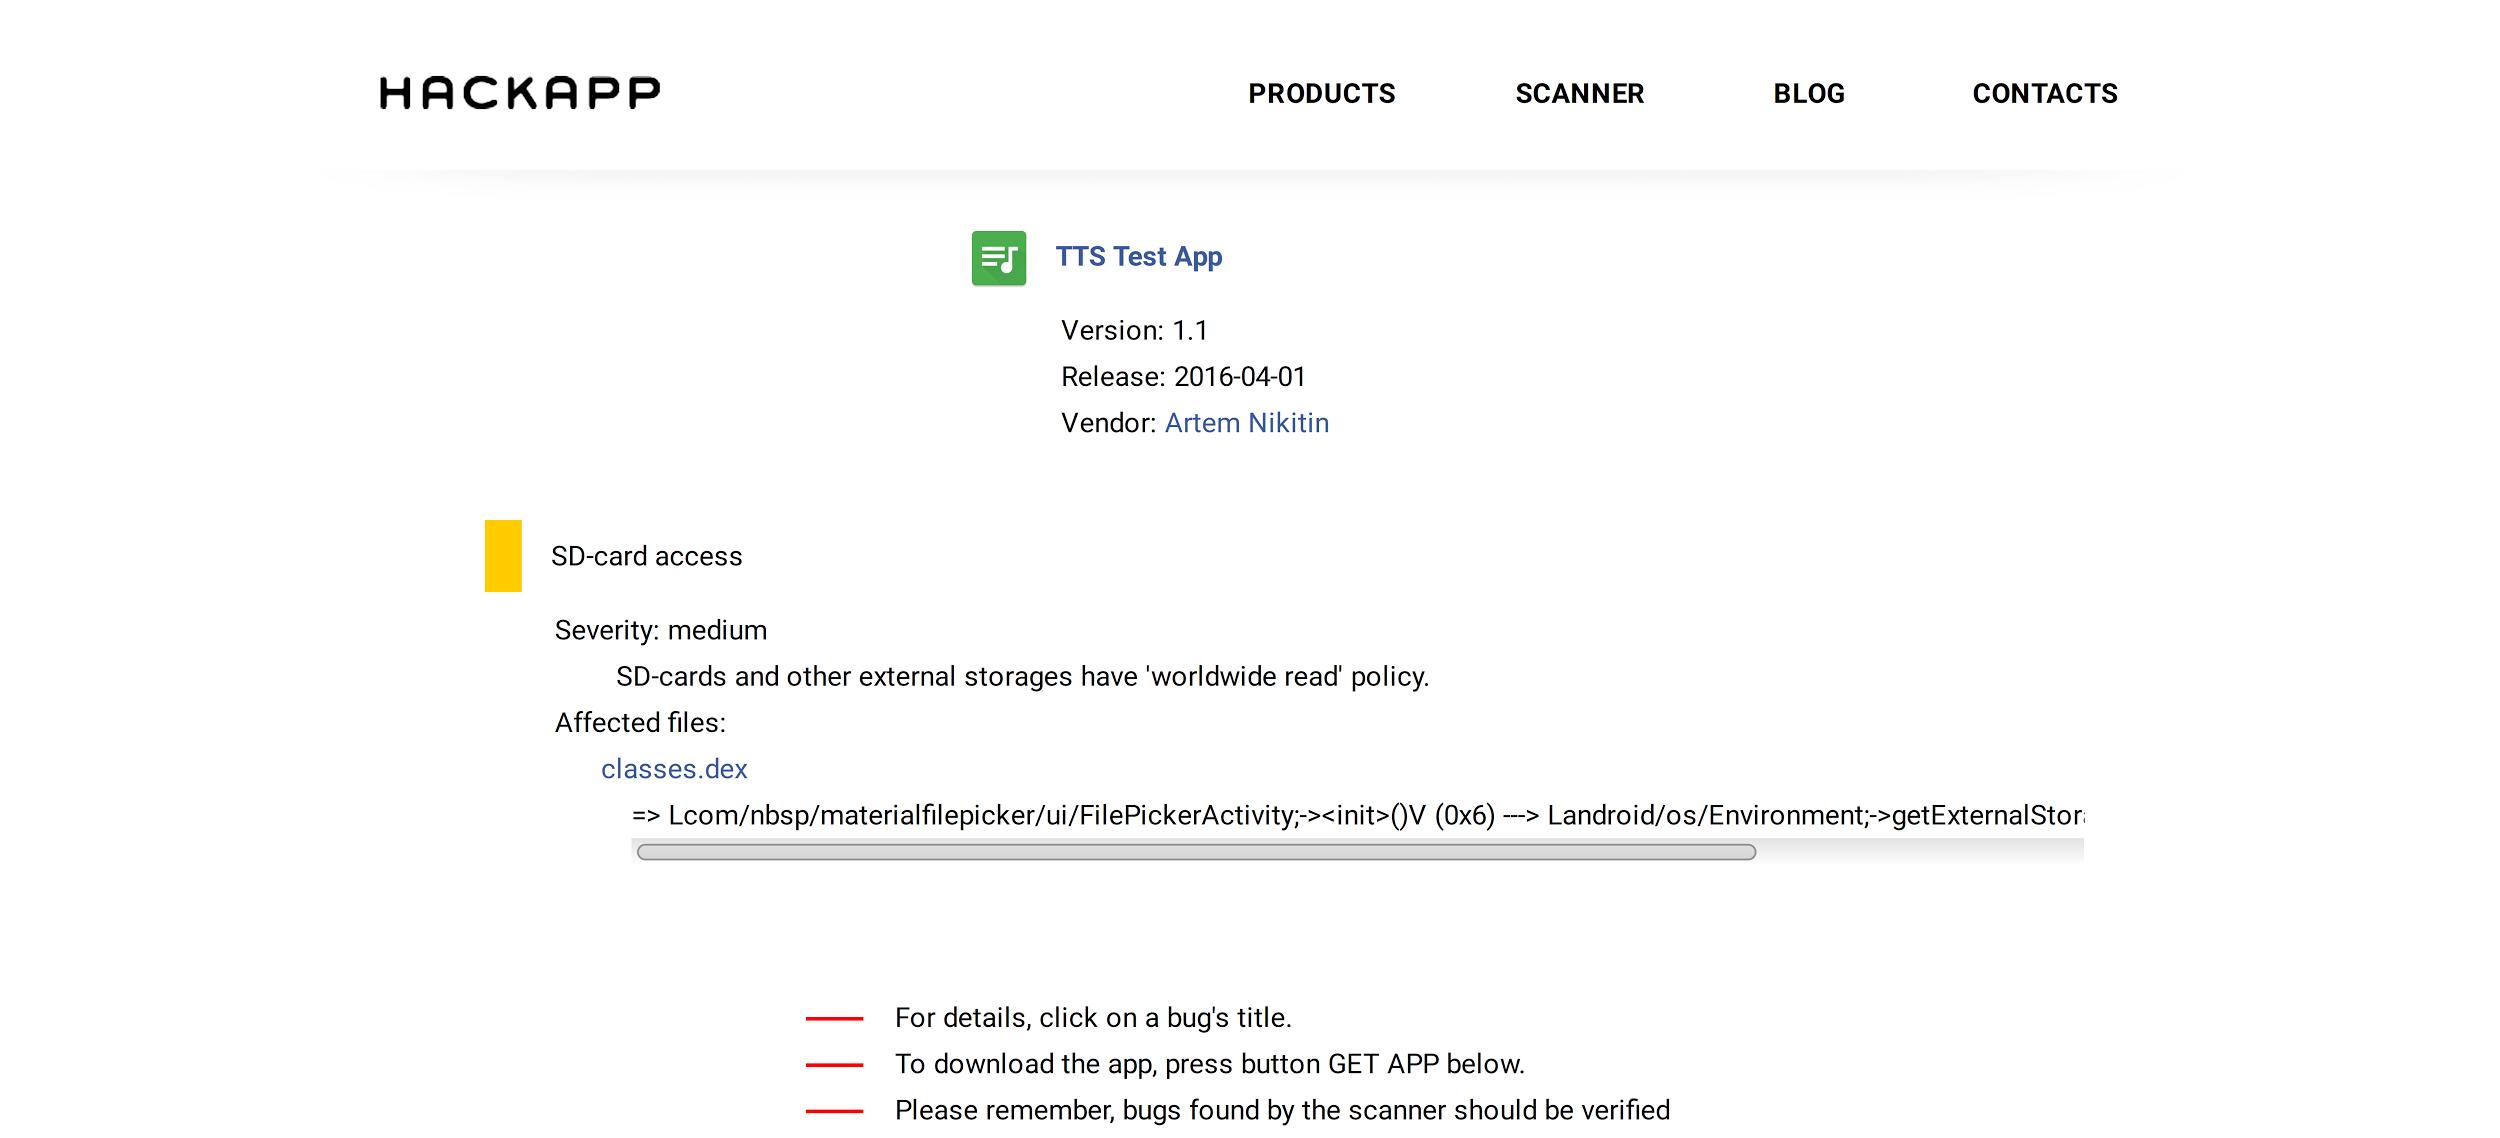 Описание бага на сайте HackApp